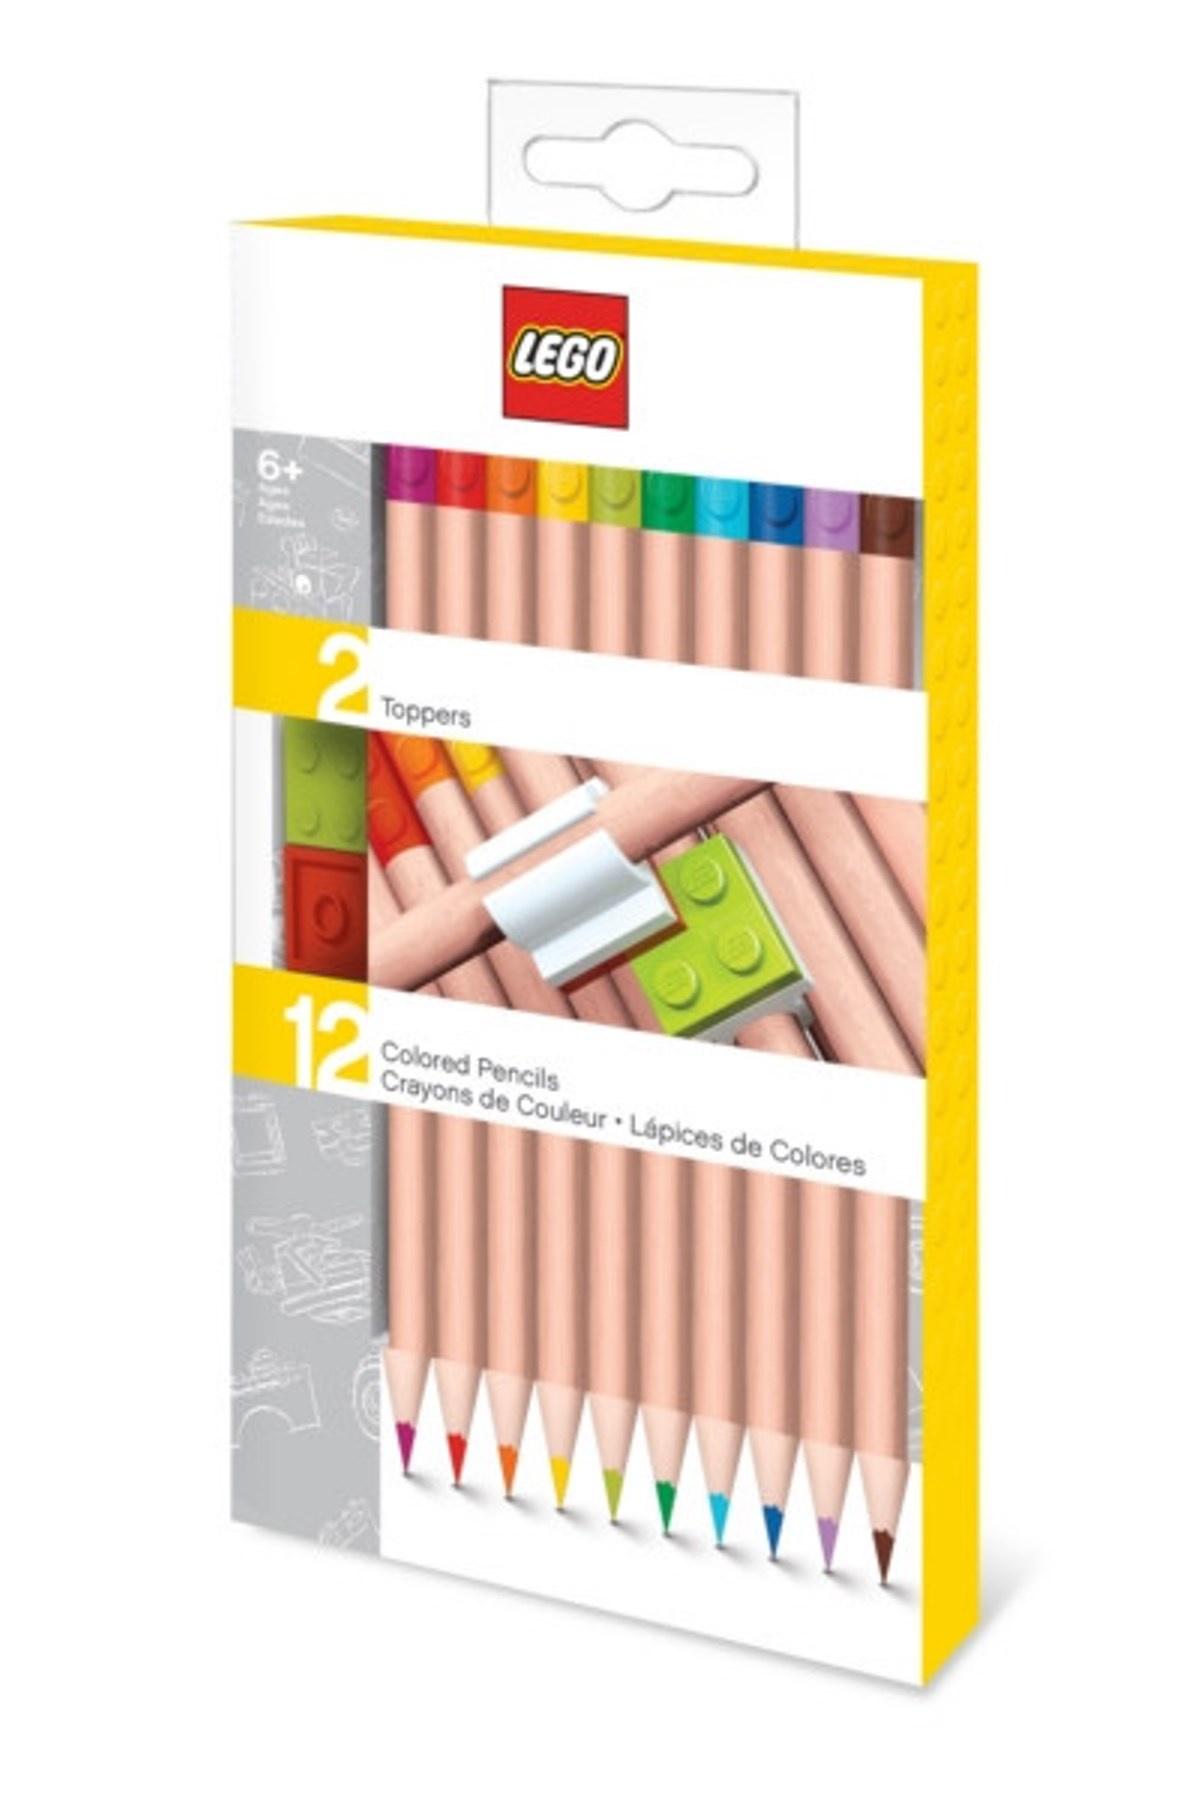 52064 Набор цветных карандашей (12 шт.) с 2 насадками в форме кирпичика LEGO